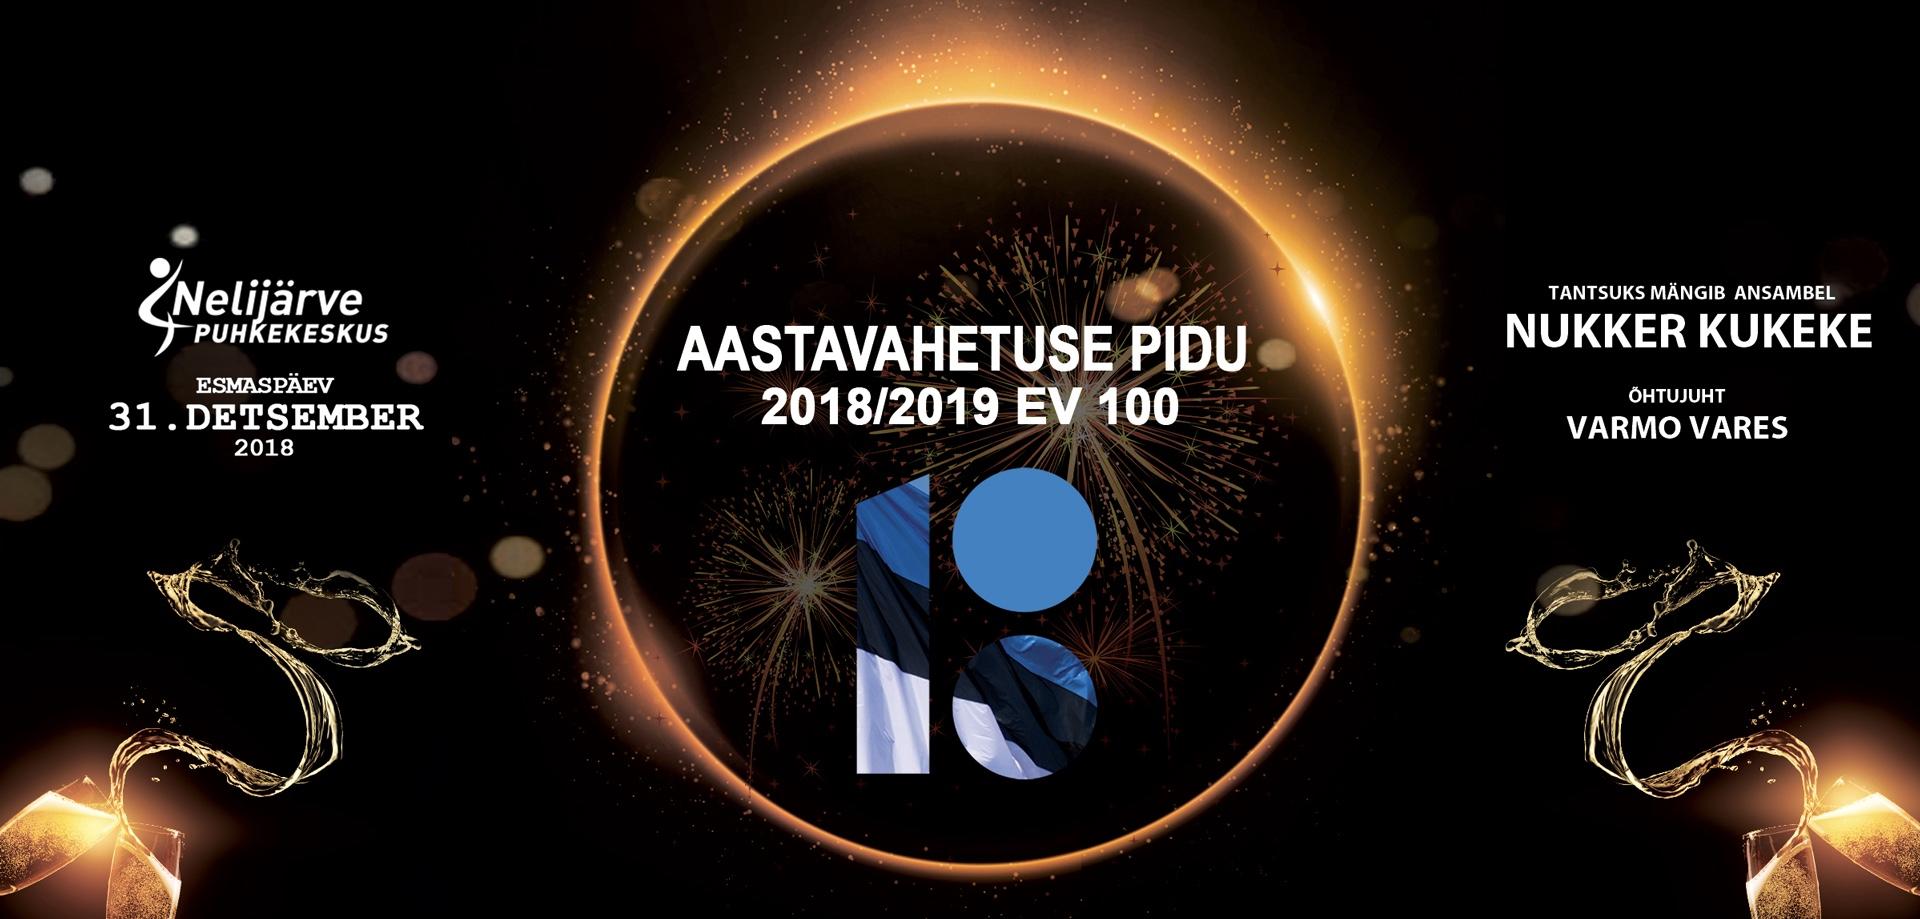 98e493b3484 The post AASTAVAHETUSE PIDU 2018/2019 EV100 appeared first on .